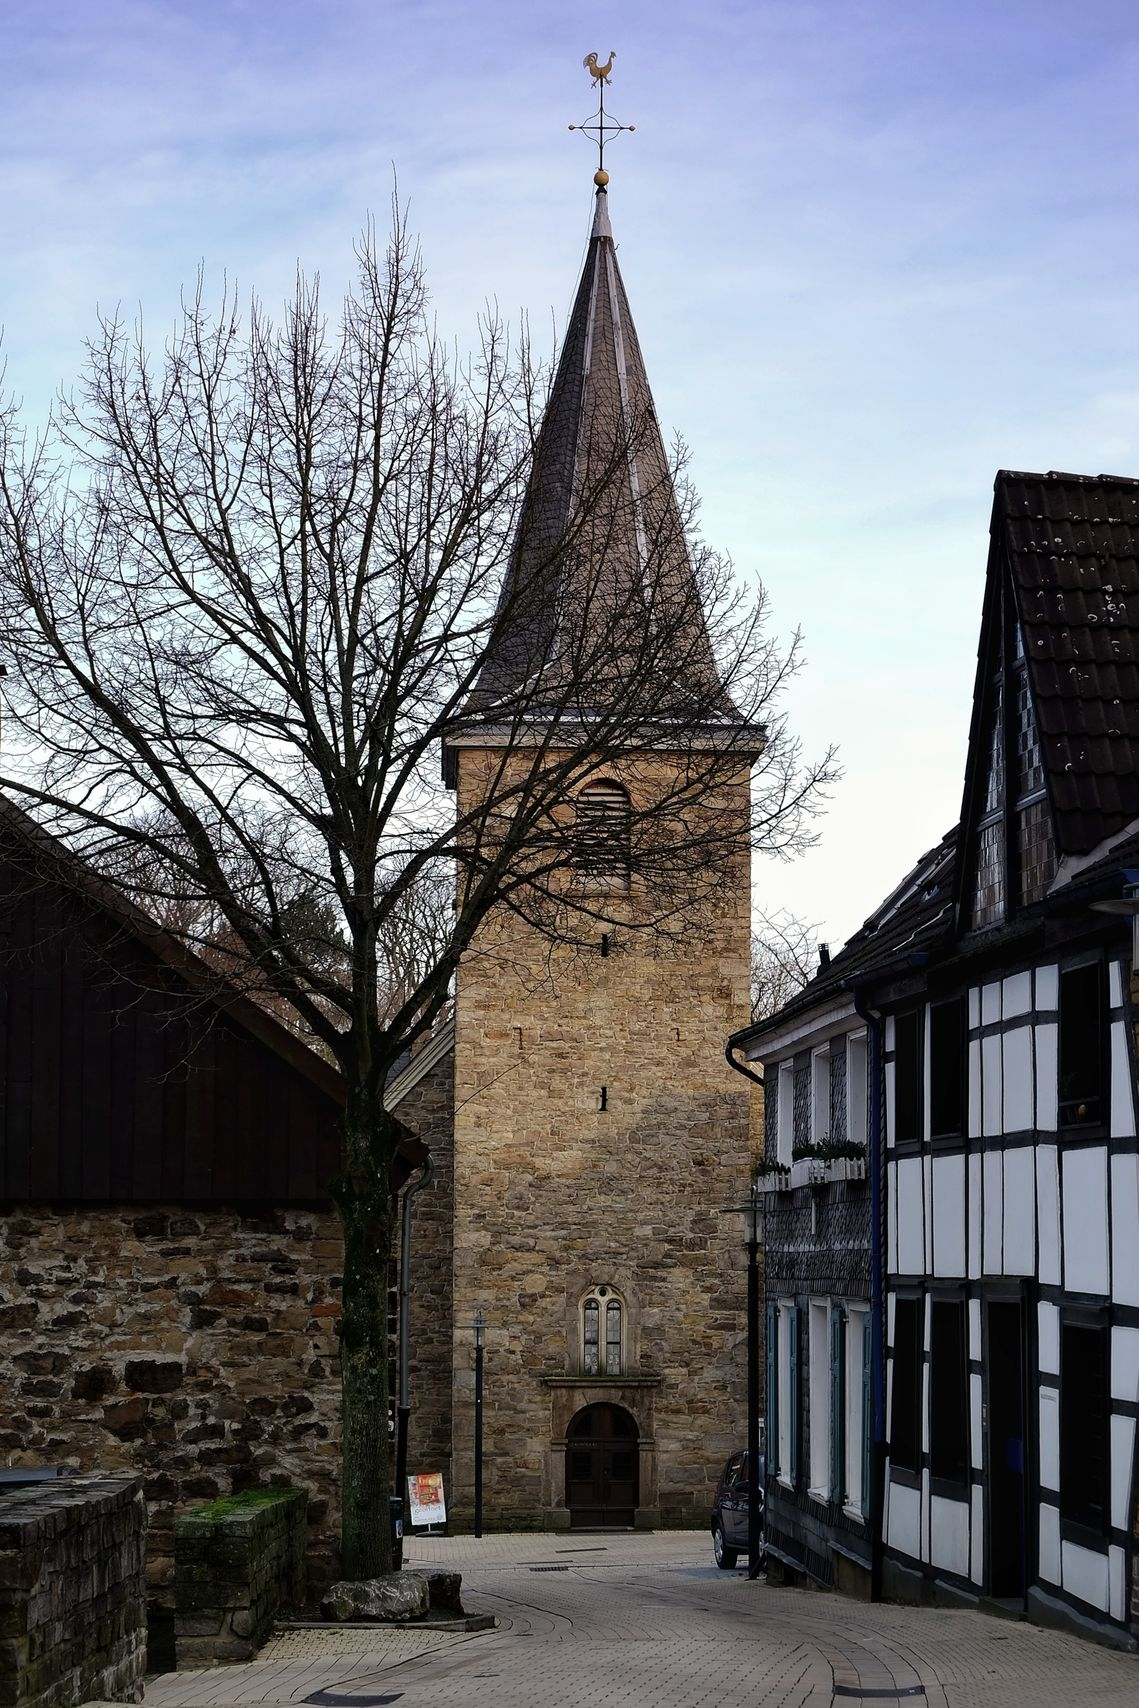 Eintritt Und Wiedereintritt Evangelische Kirchengemeinde